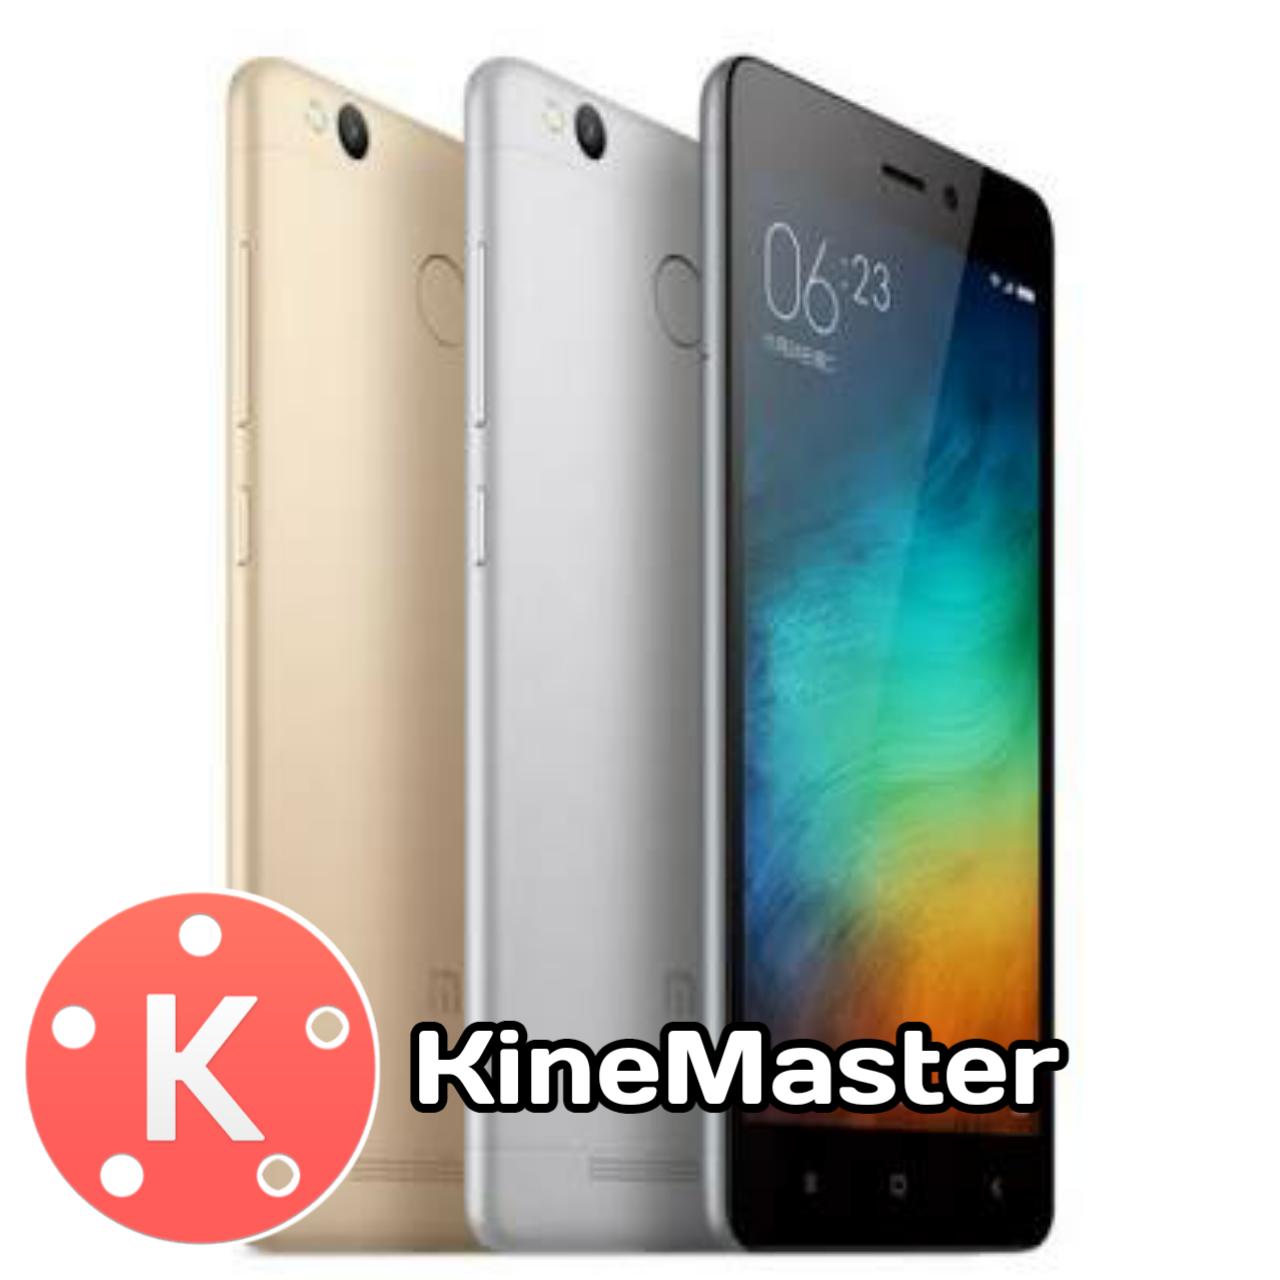 Cara Hilangkan Watermark Dan Dapatkan Video Layer Aplikasi Xiaomi Redmi 3 Pro Kinemaster Pada